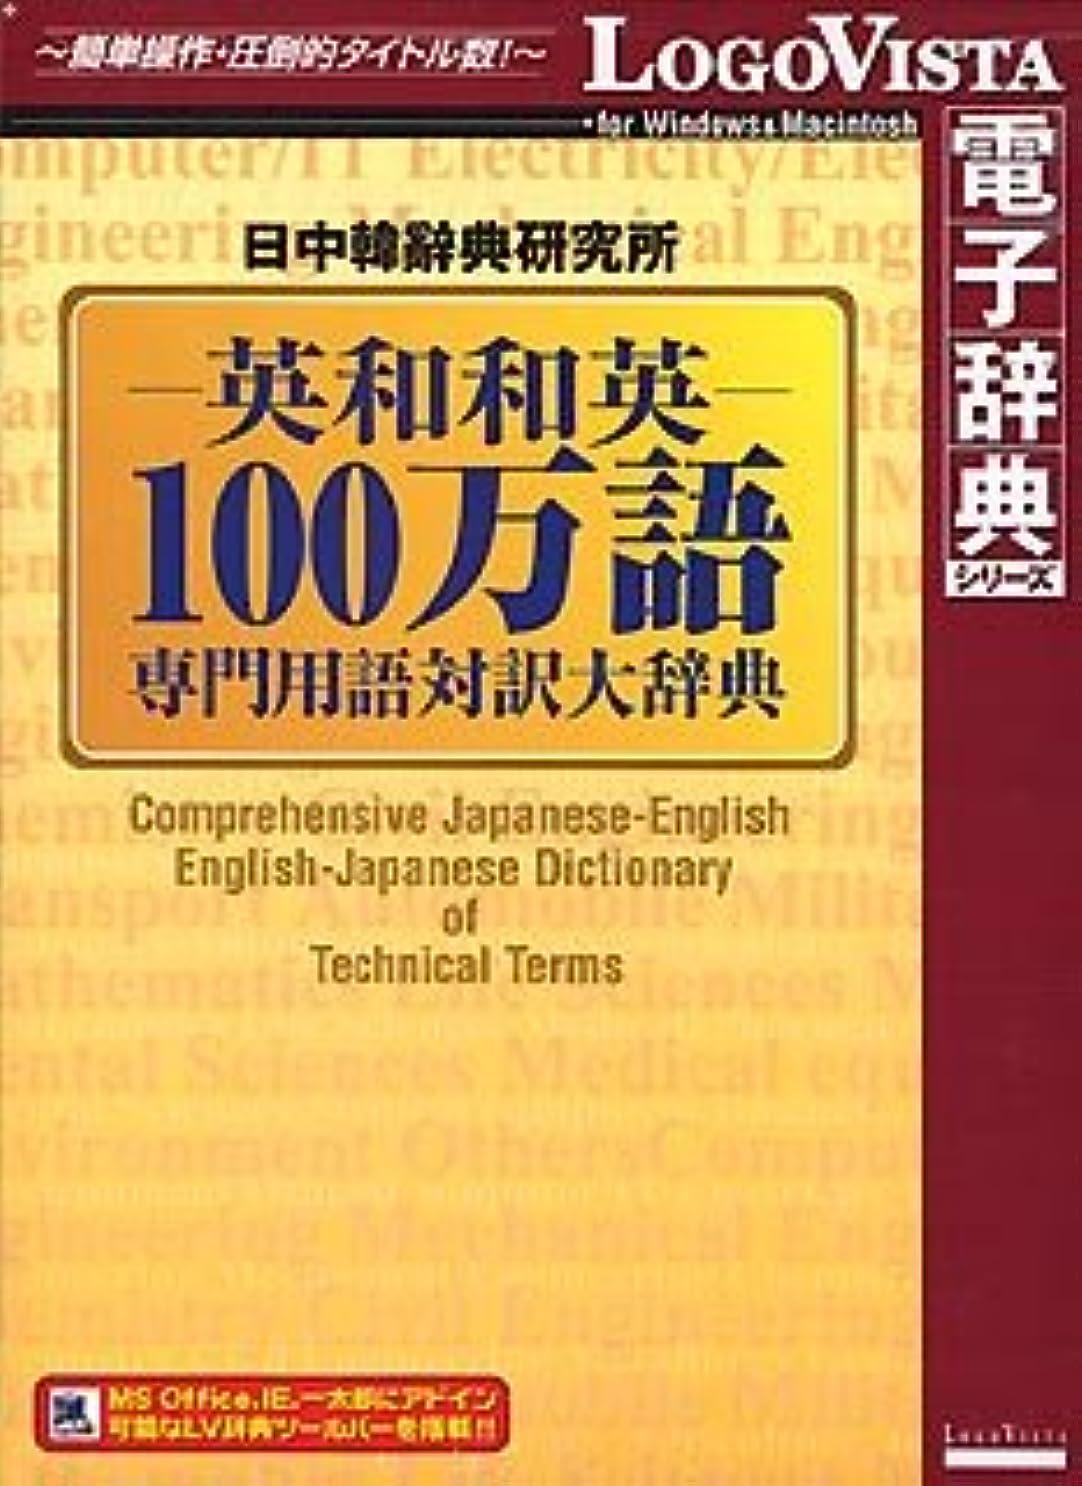 オーク同行する一口英和和英100万語専門用語対訳大辞典